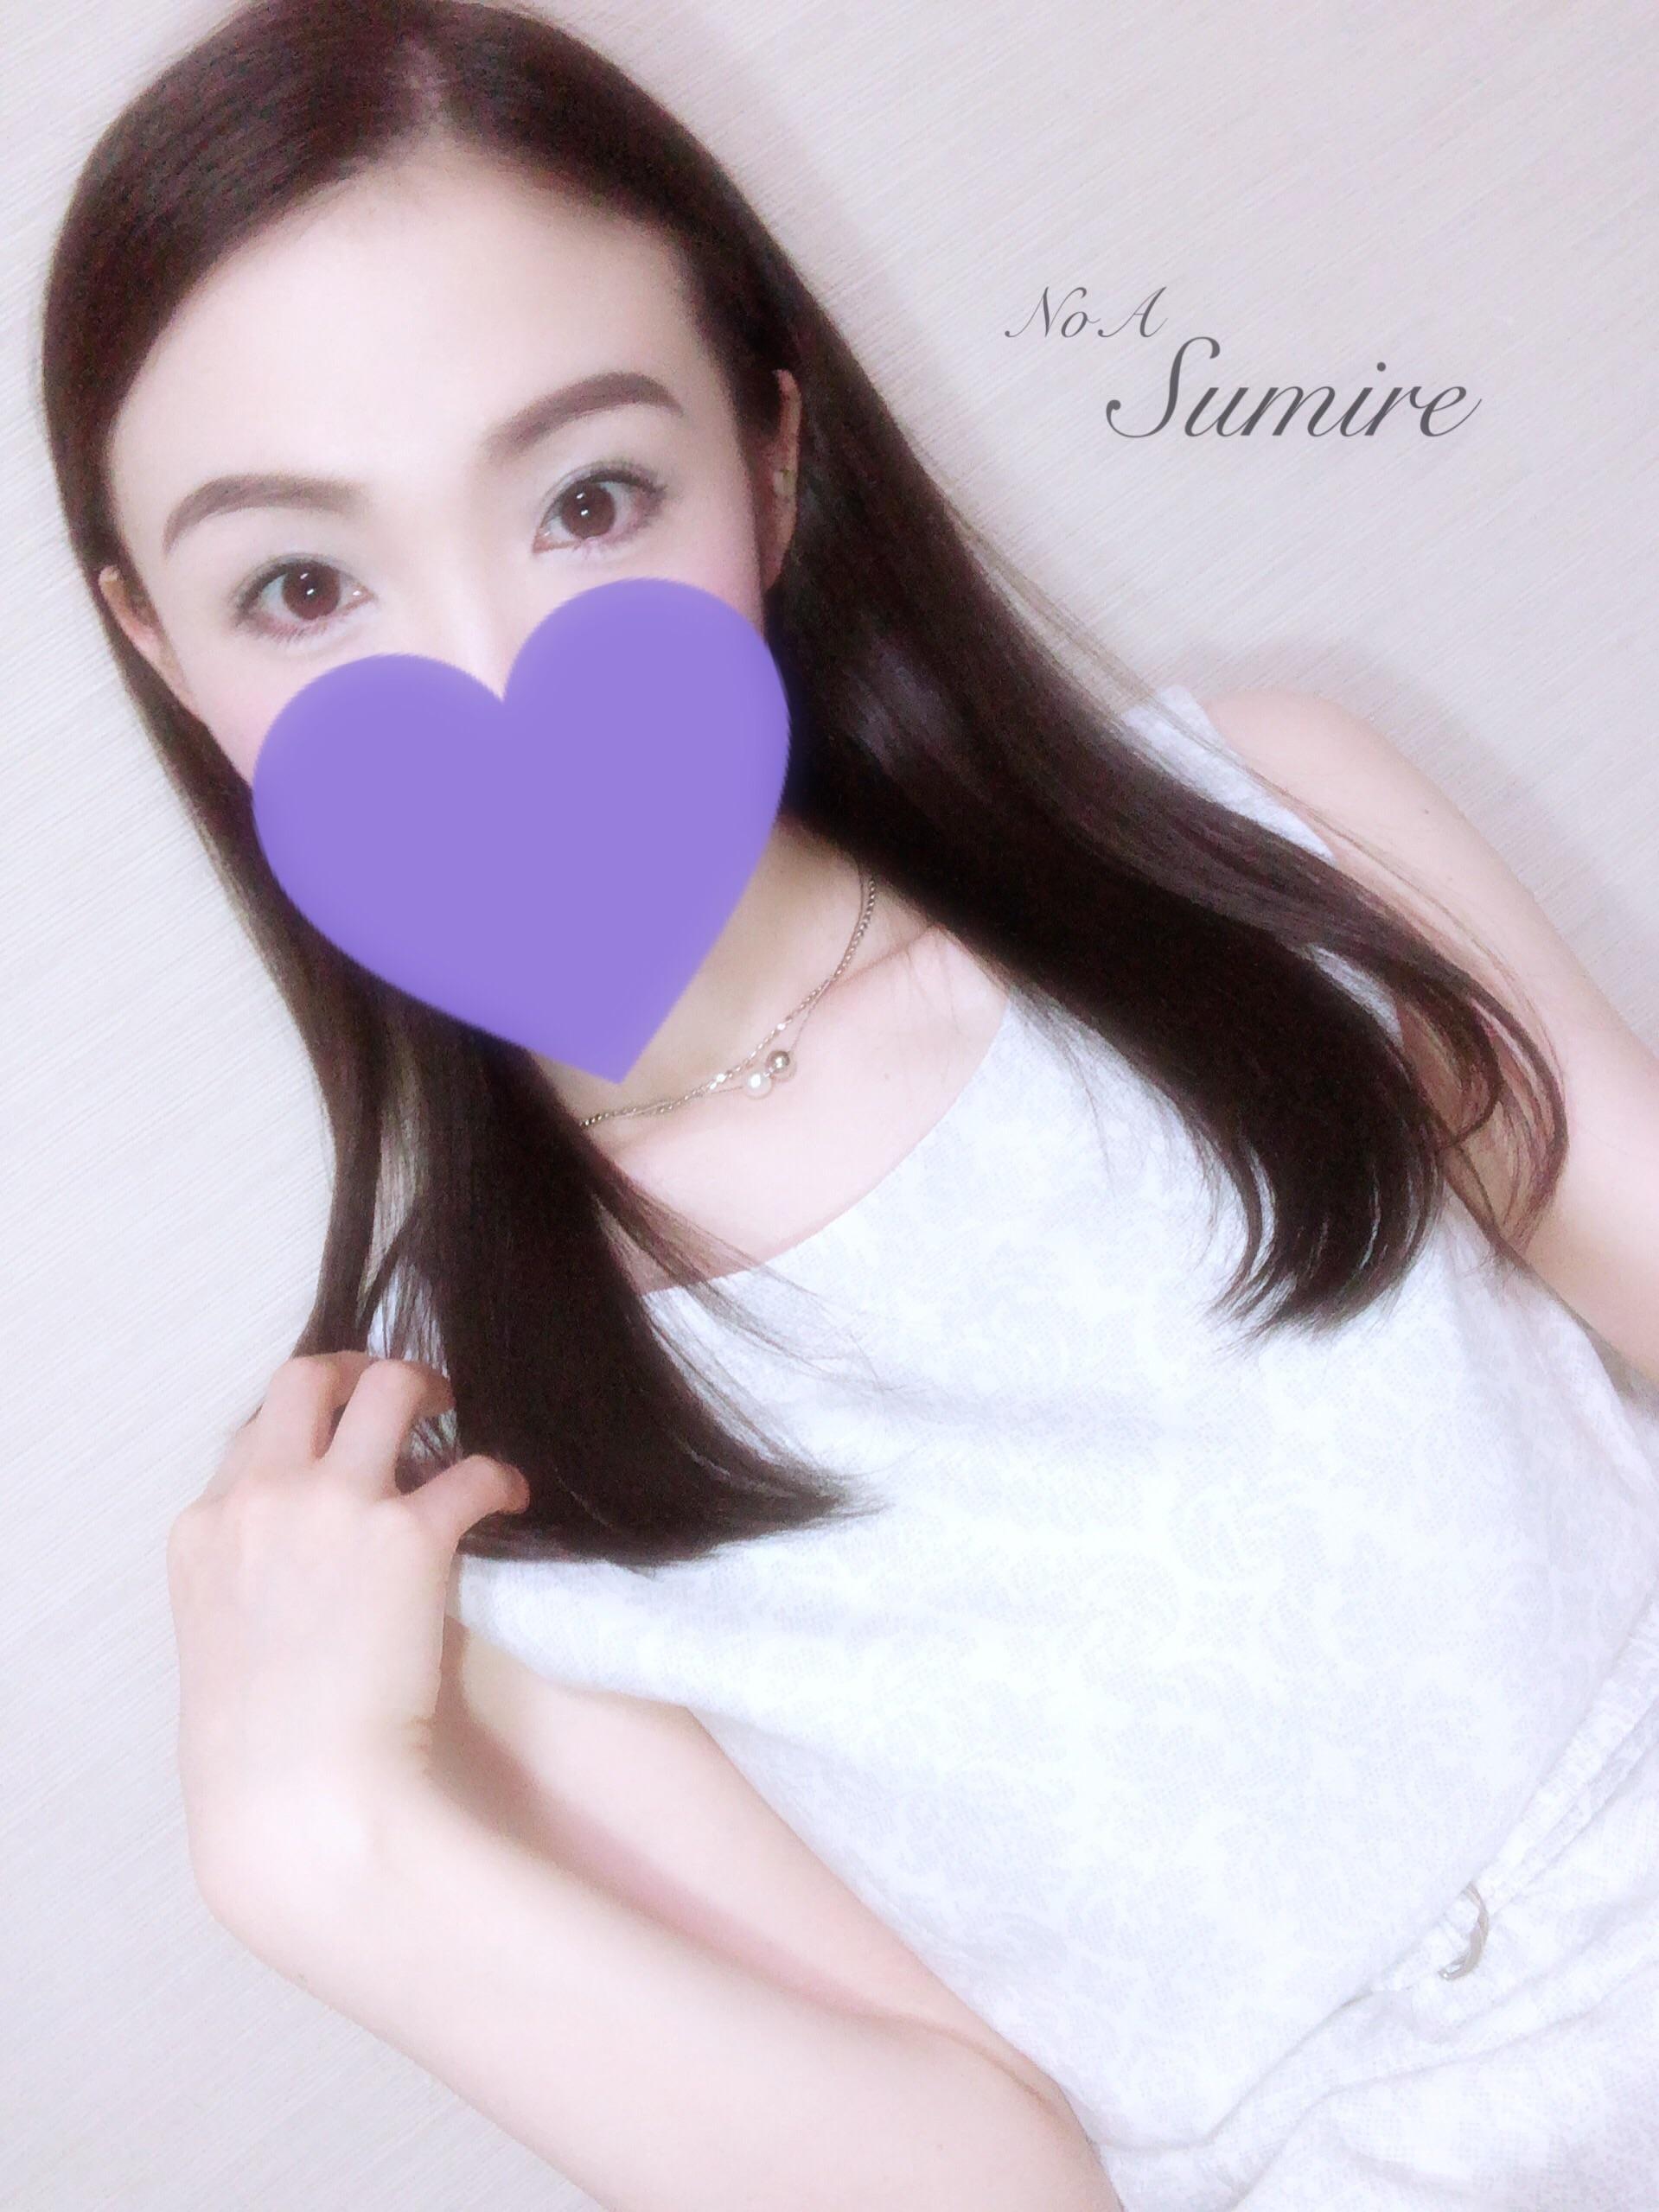 「おはようございます」06/14(木) 05:38 | 澄鈴(すみれ)の写メ・風俗動画